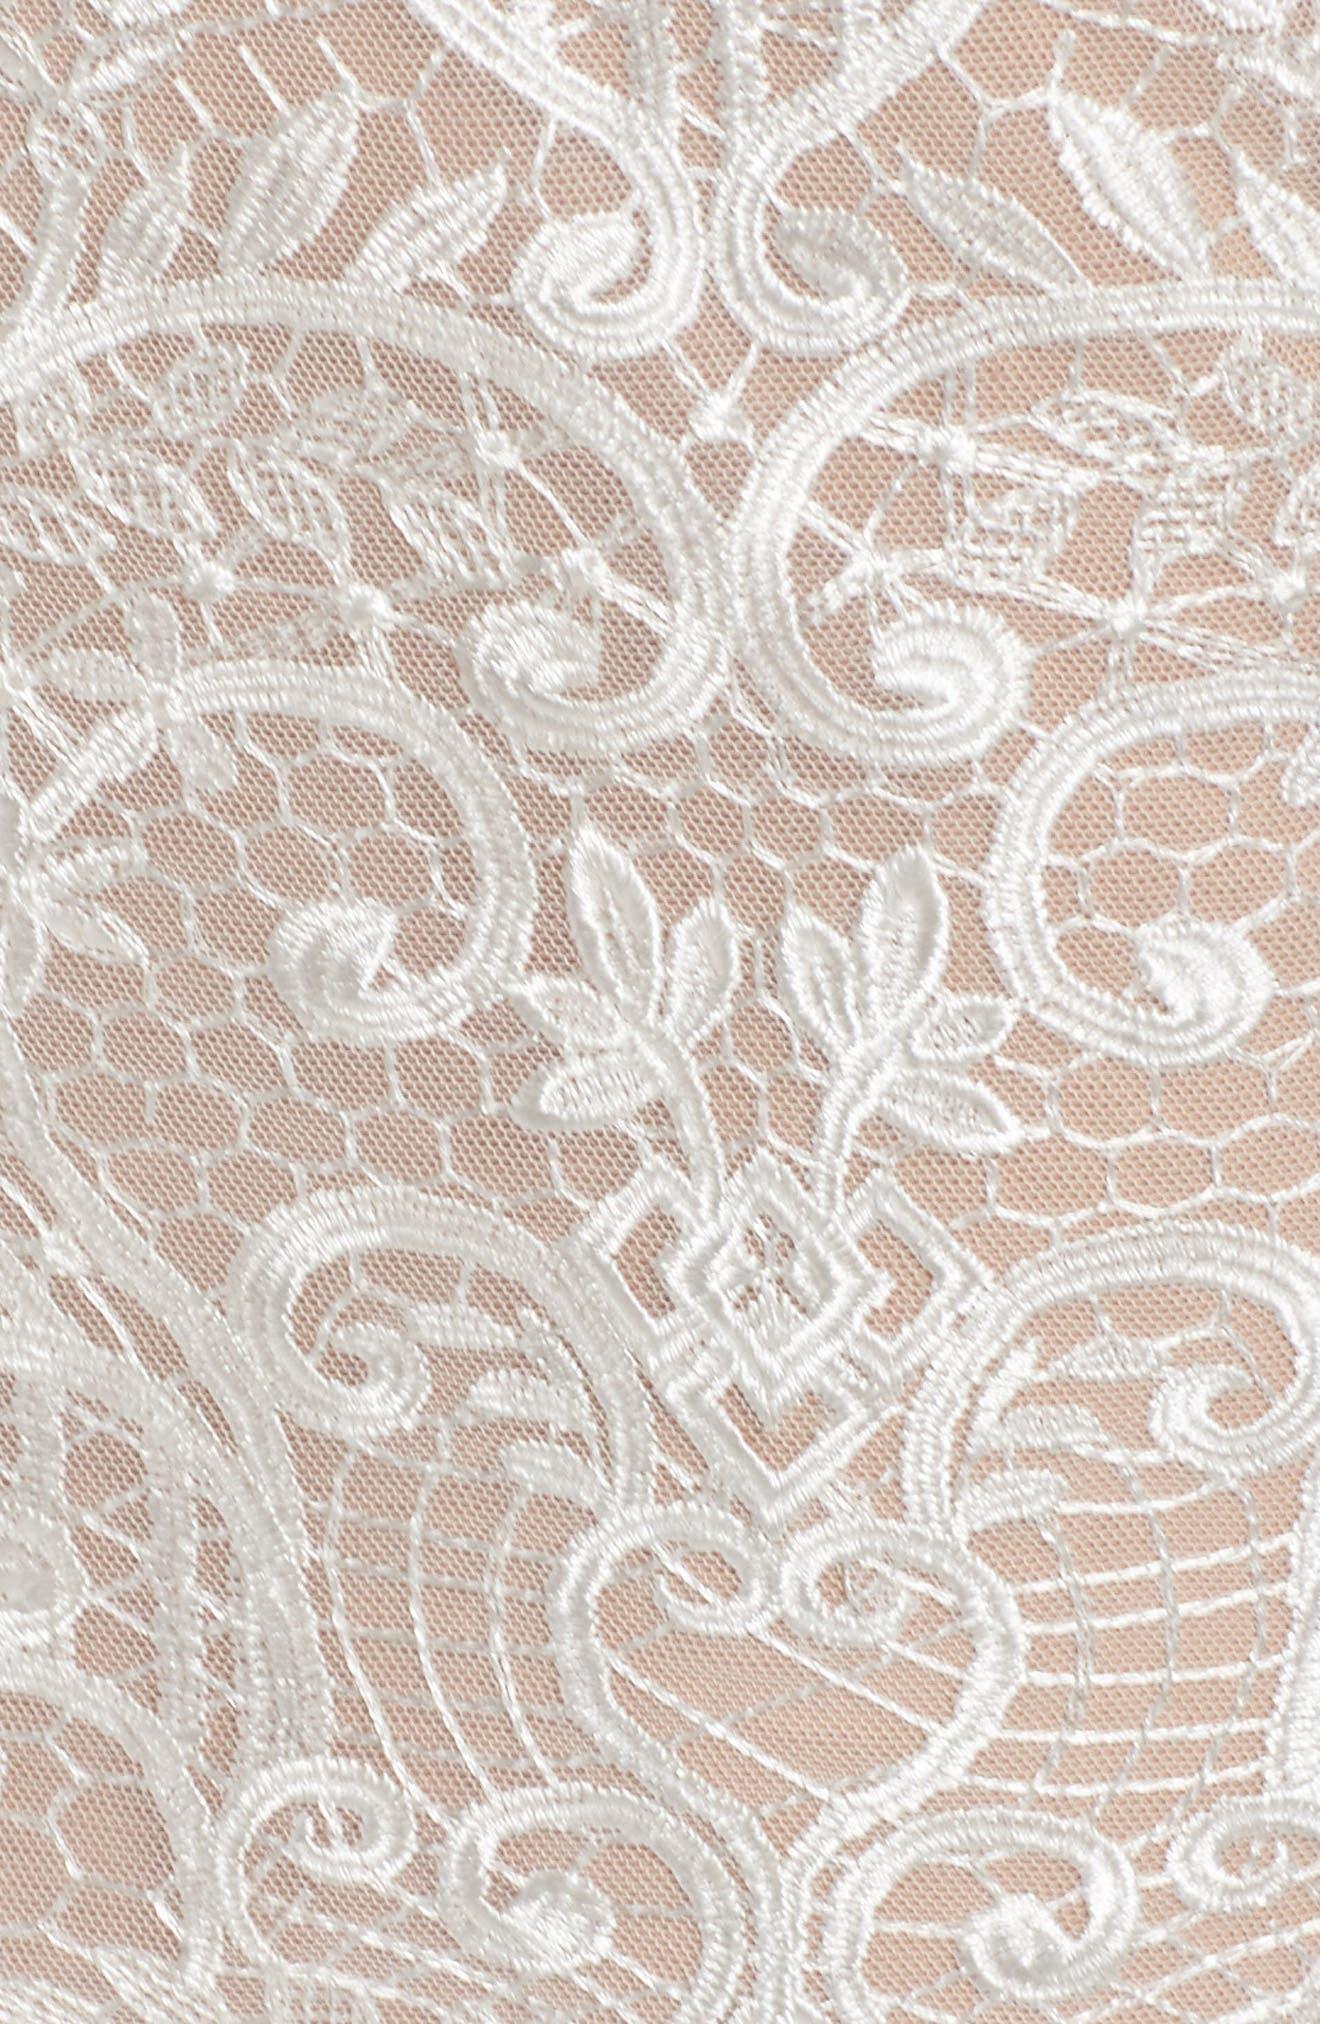 Venice Derby Lace Pencil Dress,                             Alternate thumbnail 5, color,                             100